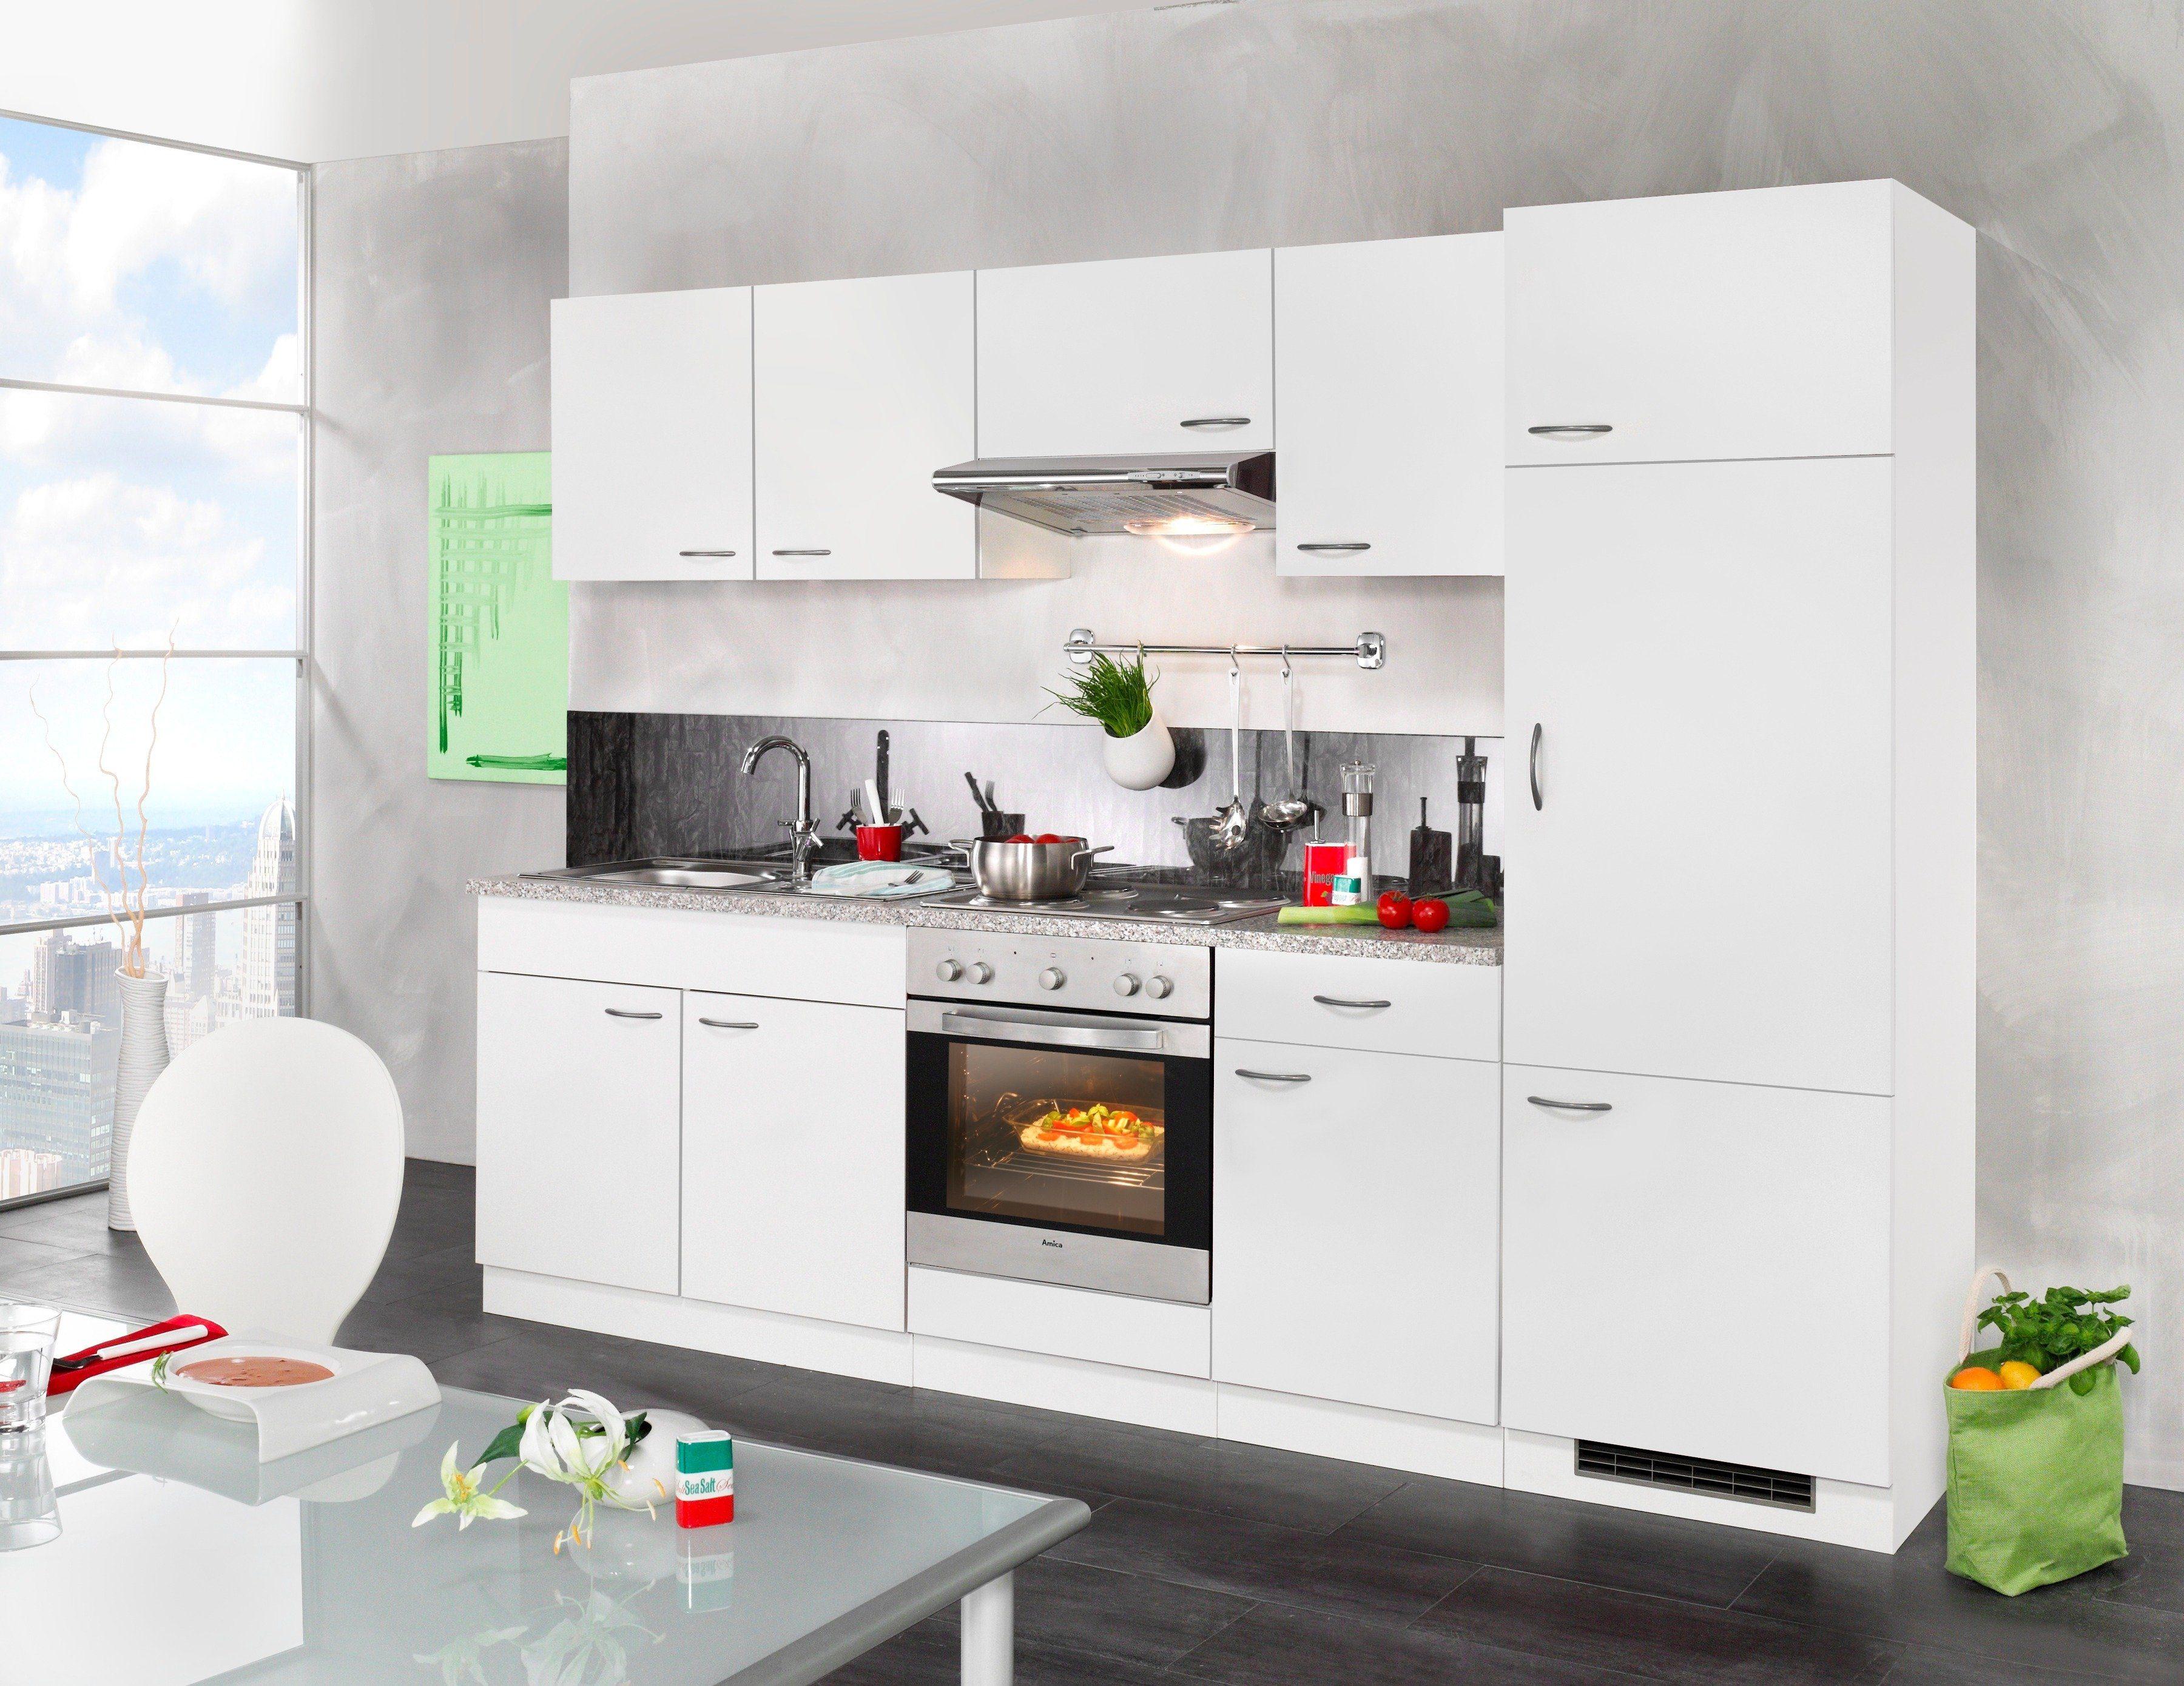 Miniküche Mit Geschirrspüler Ohne Kühlschrank : Küchenzeile mit geräten kaufen küchenblöcke otto